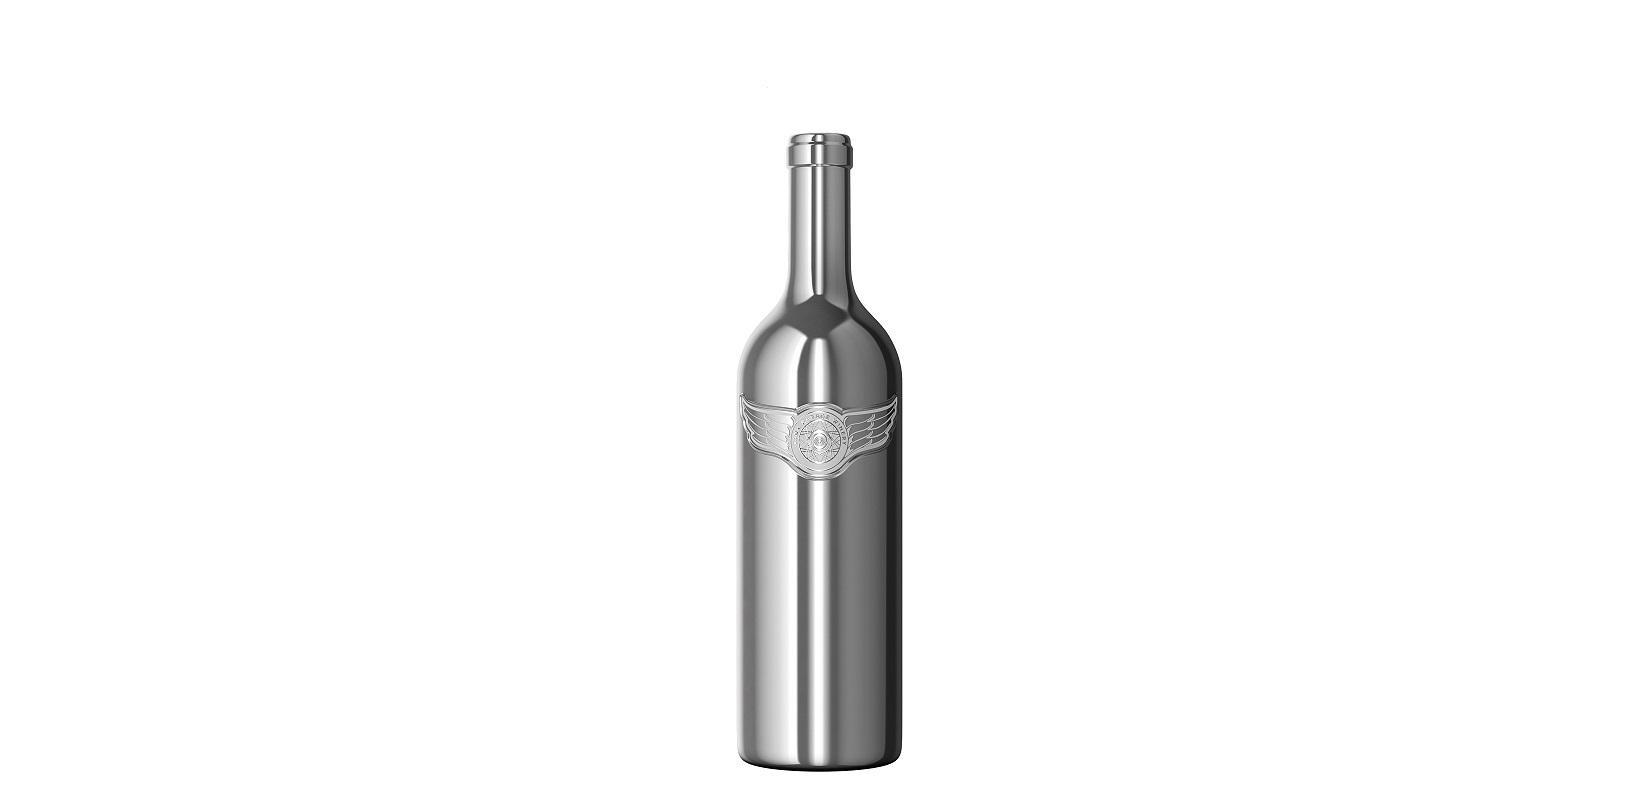 World's First Chromed-Glass Wine Bottle